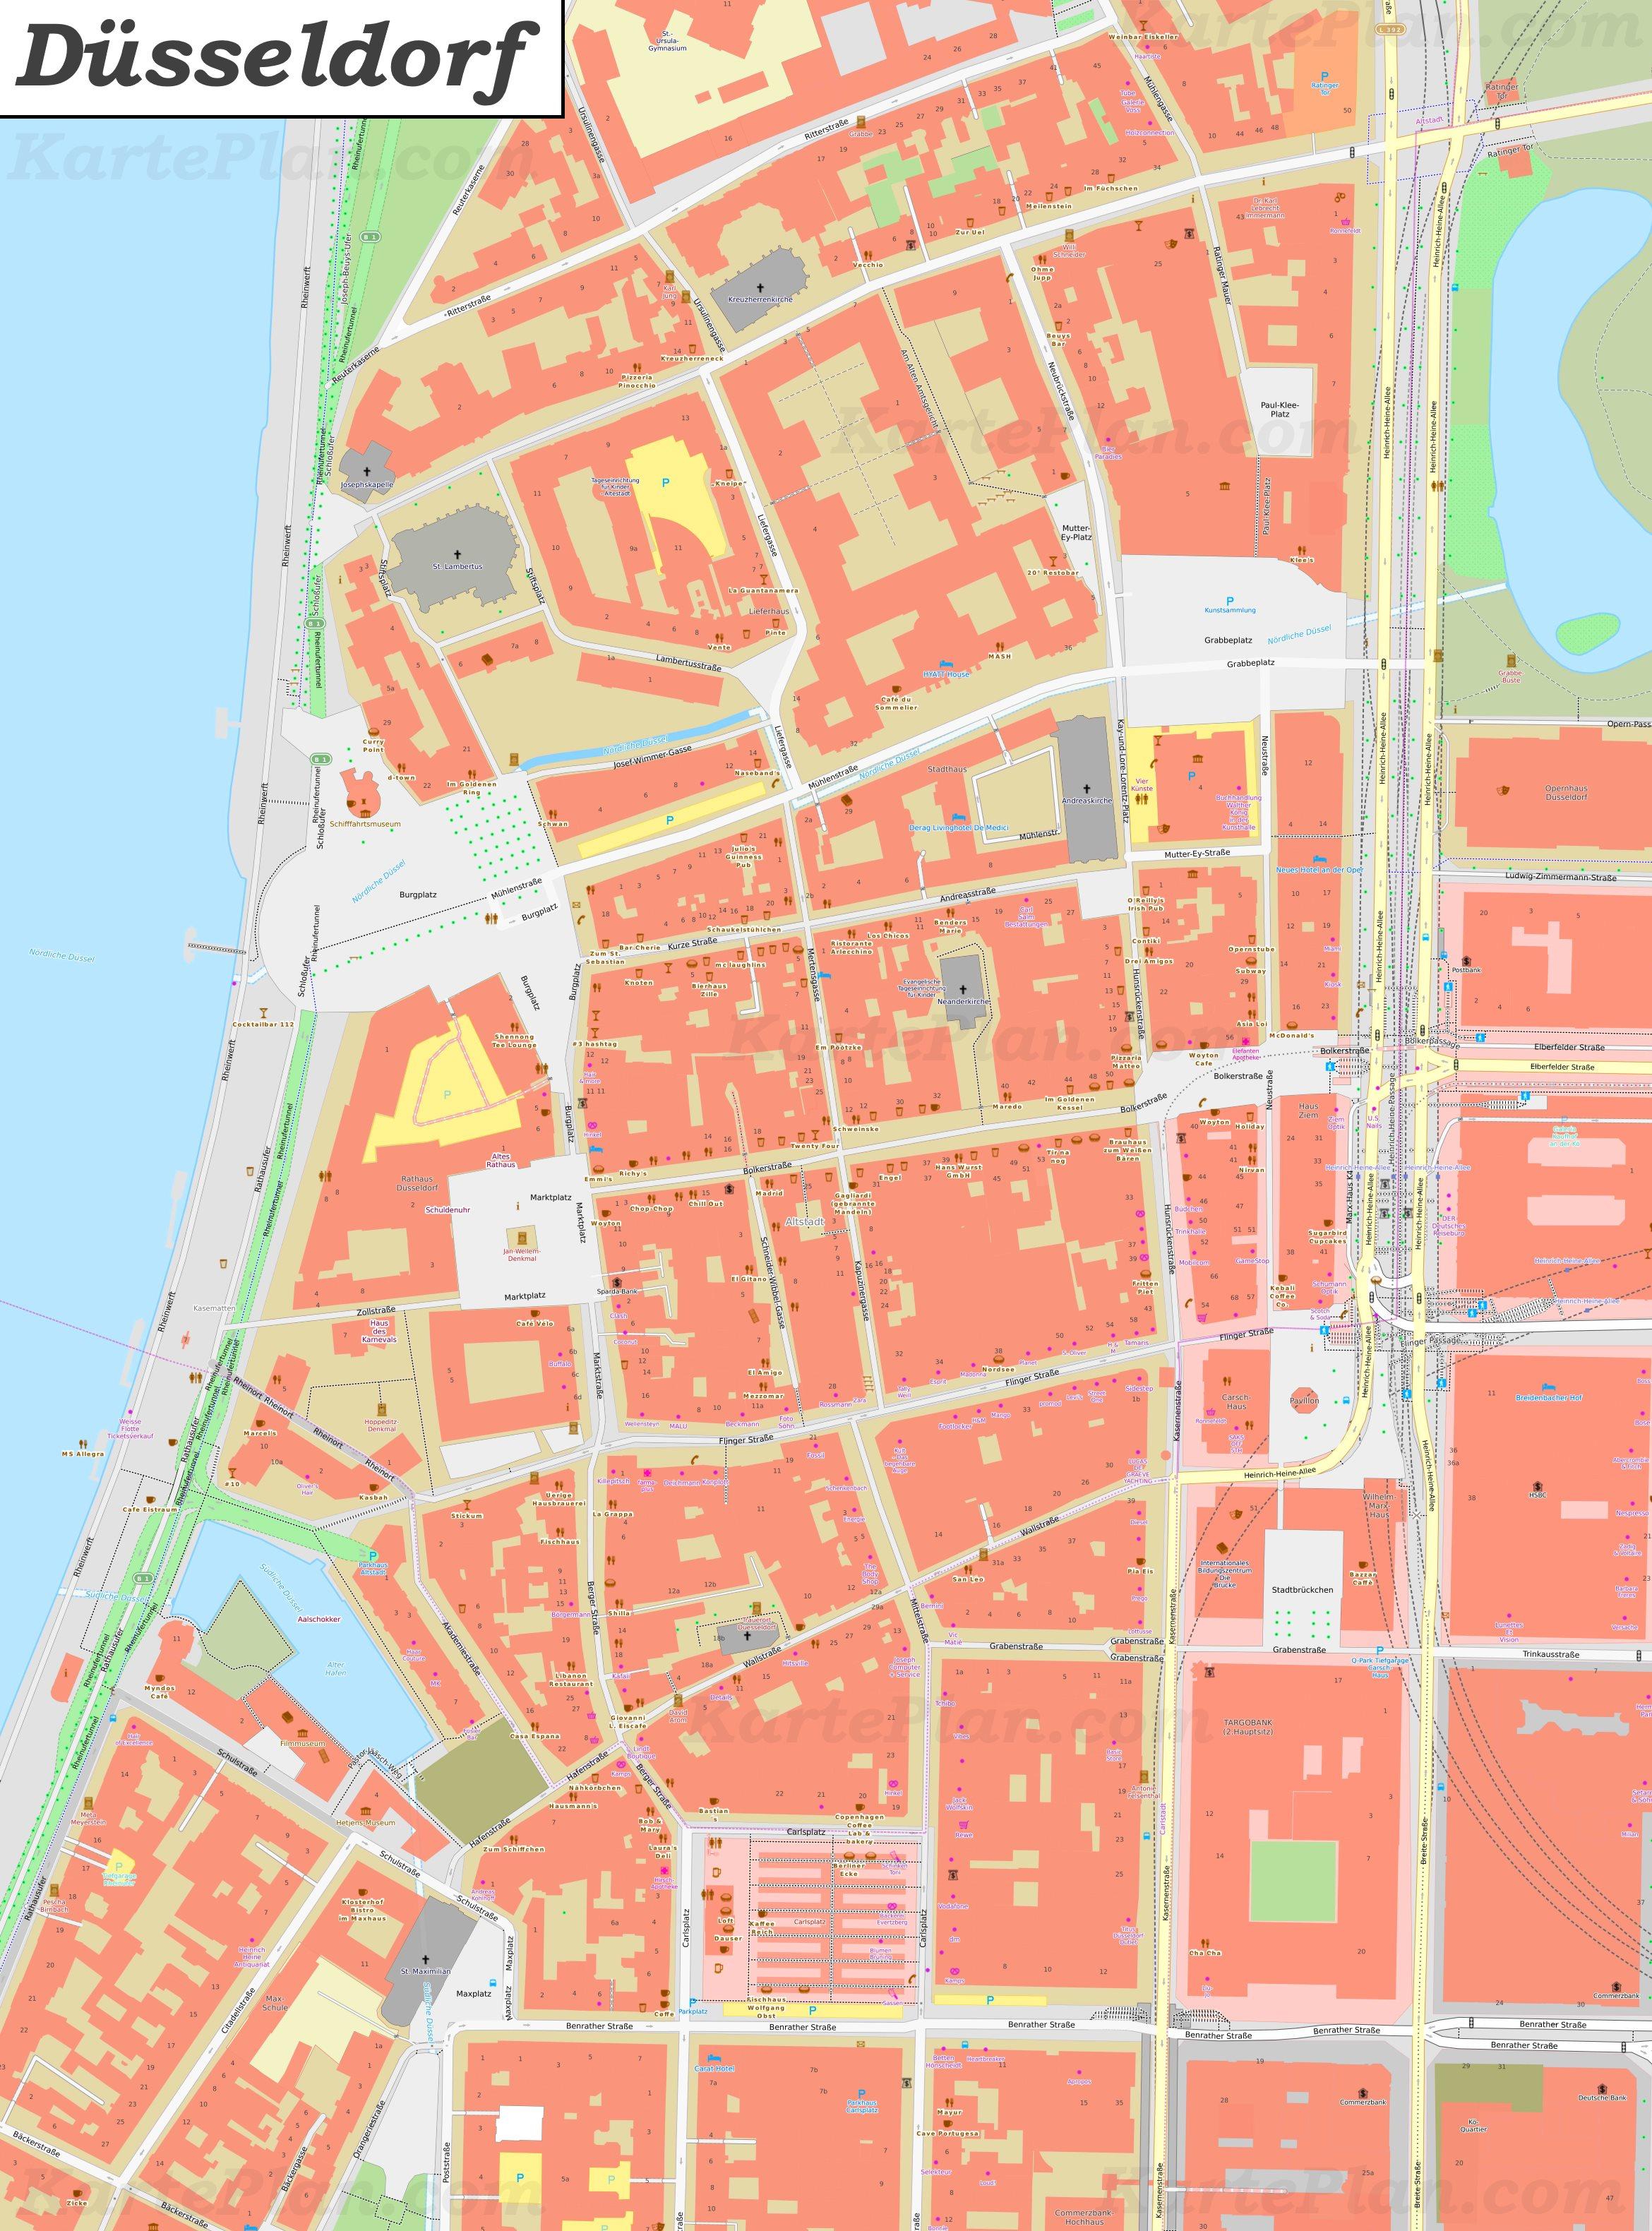 Düsseldorf Karte.Karte Von Düsseldorfer Altstadt